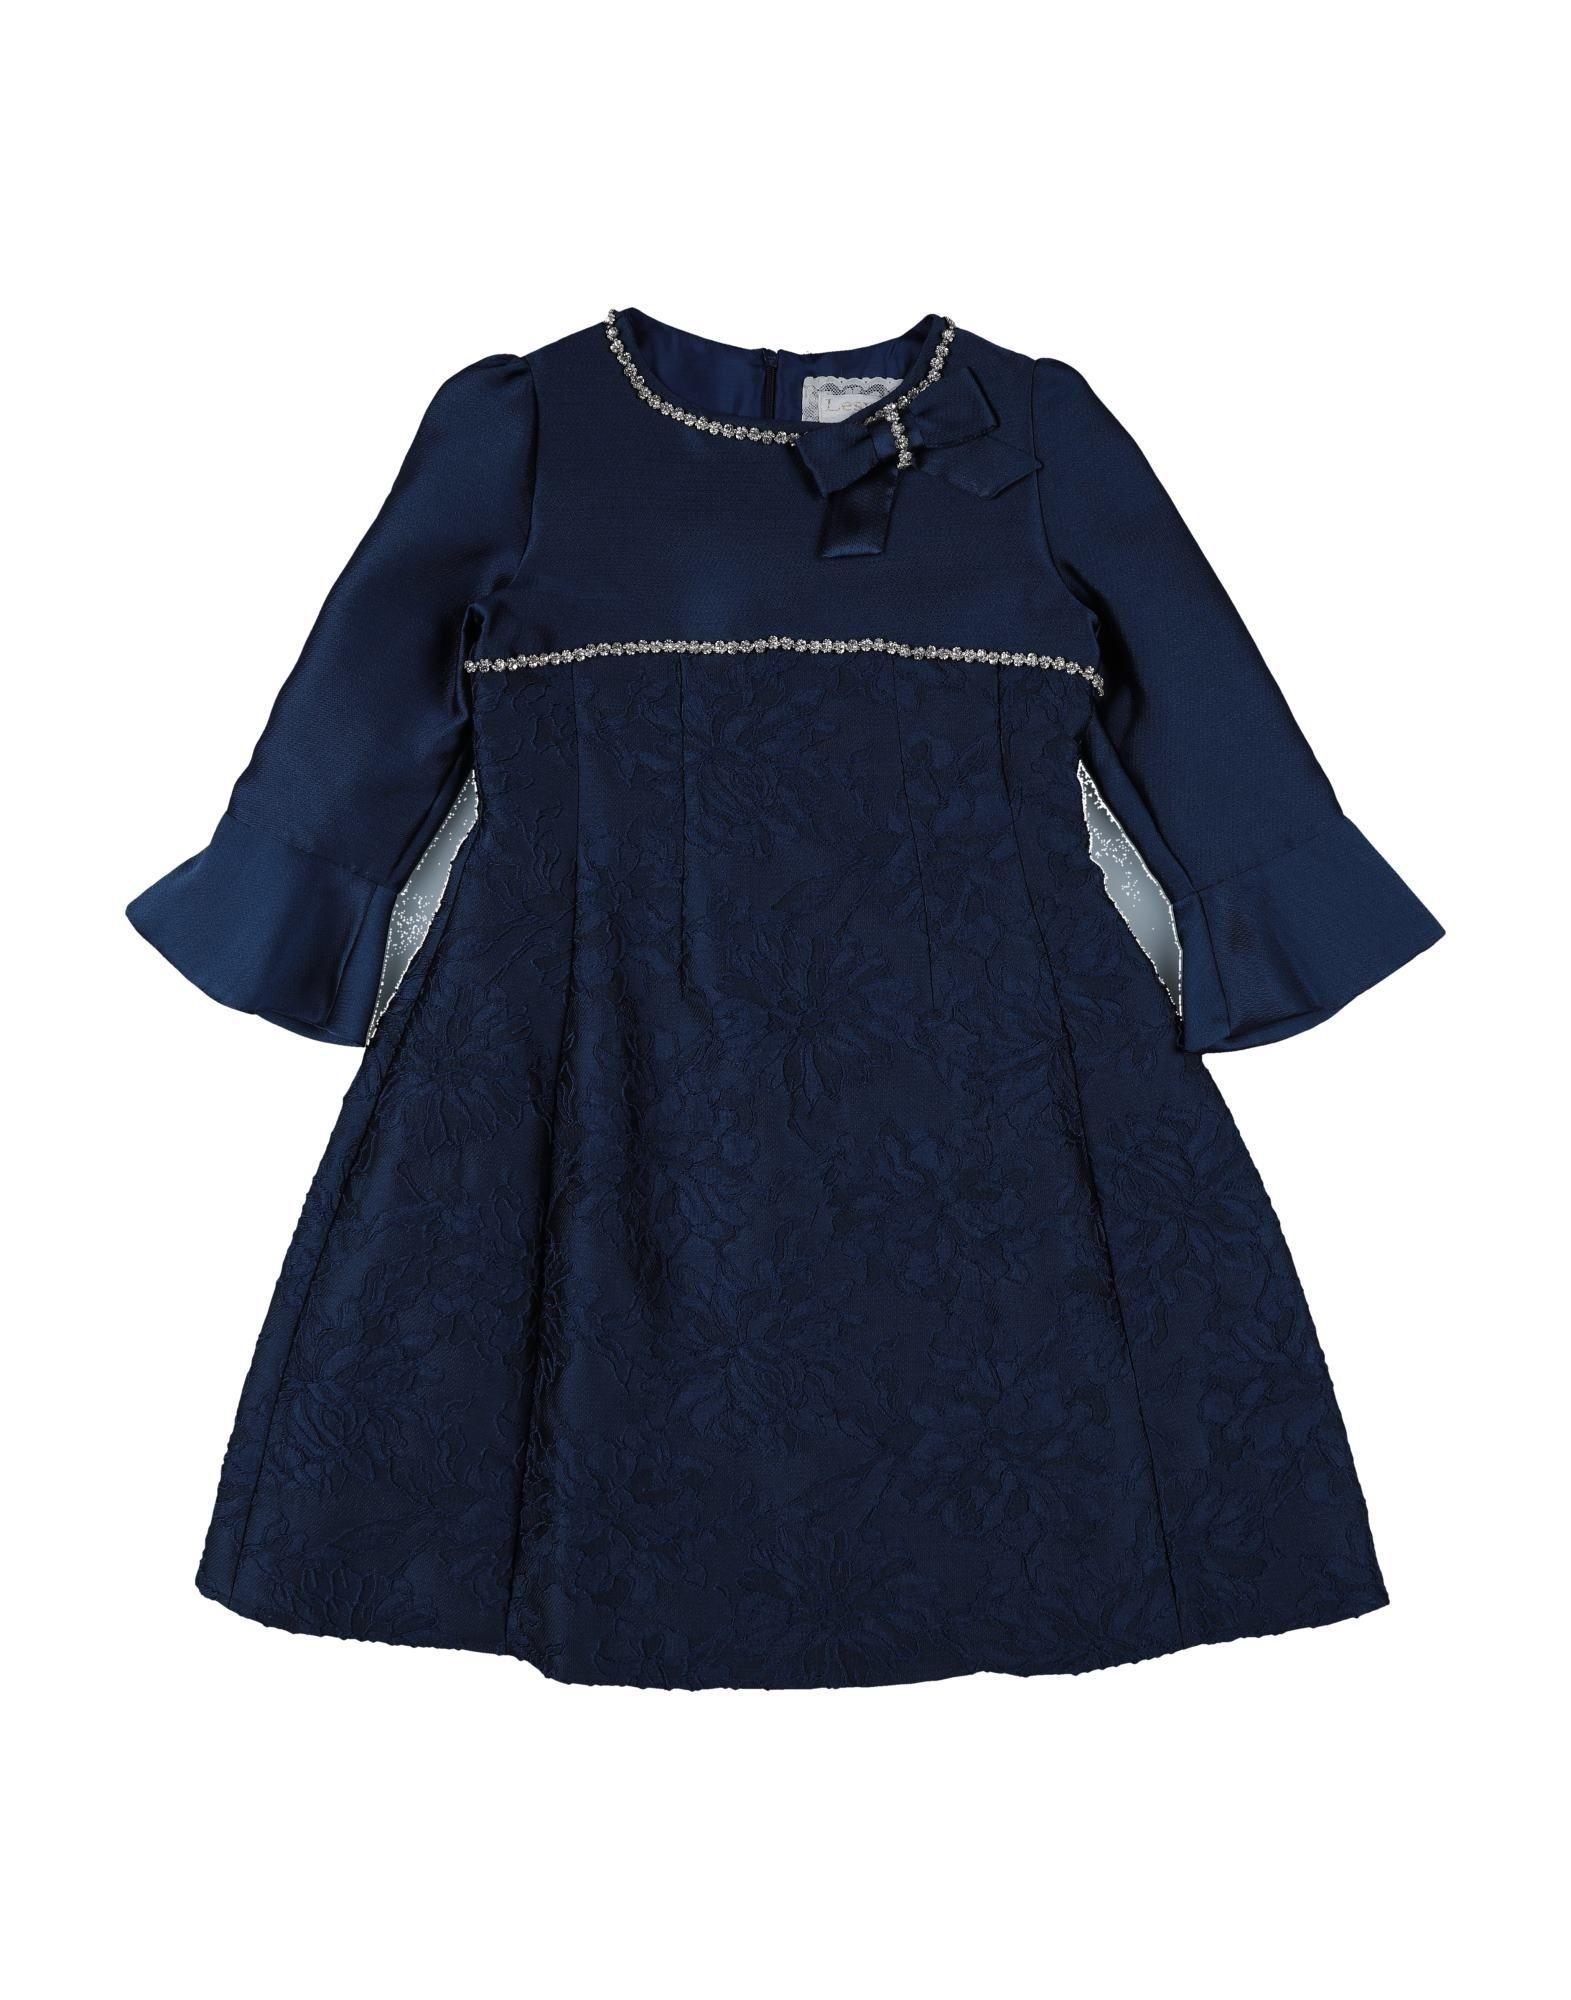 LESY Dresses - Item 15070262